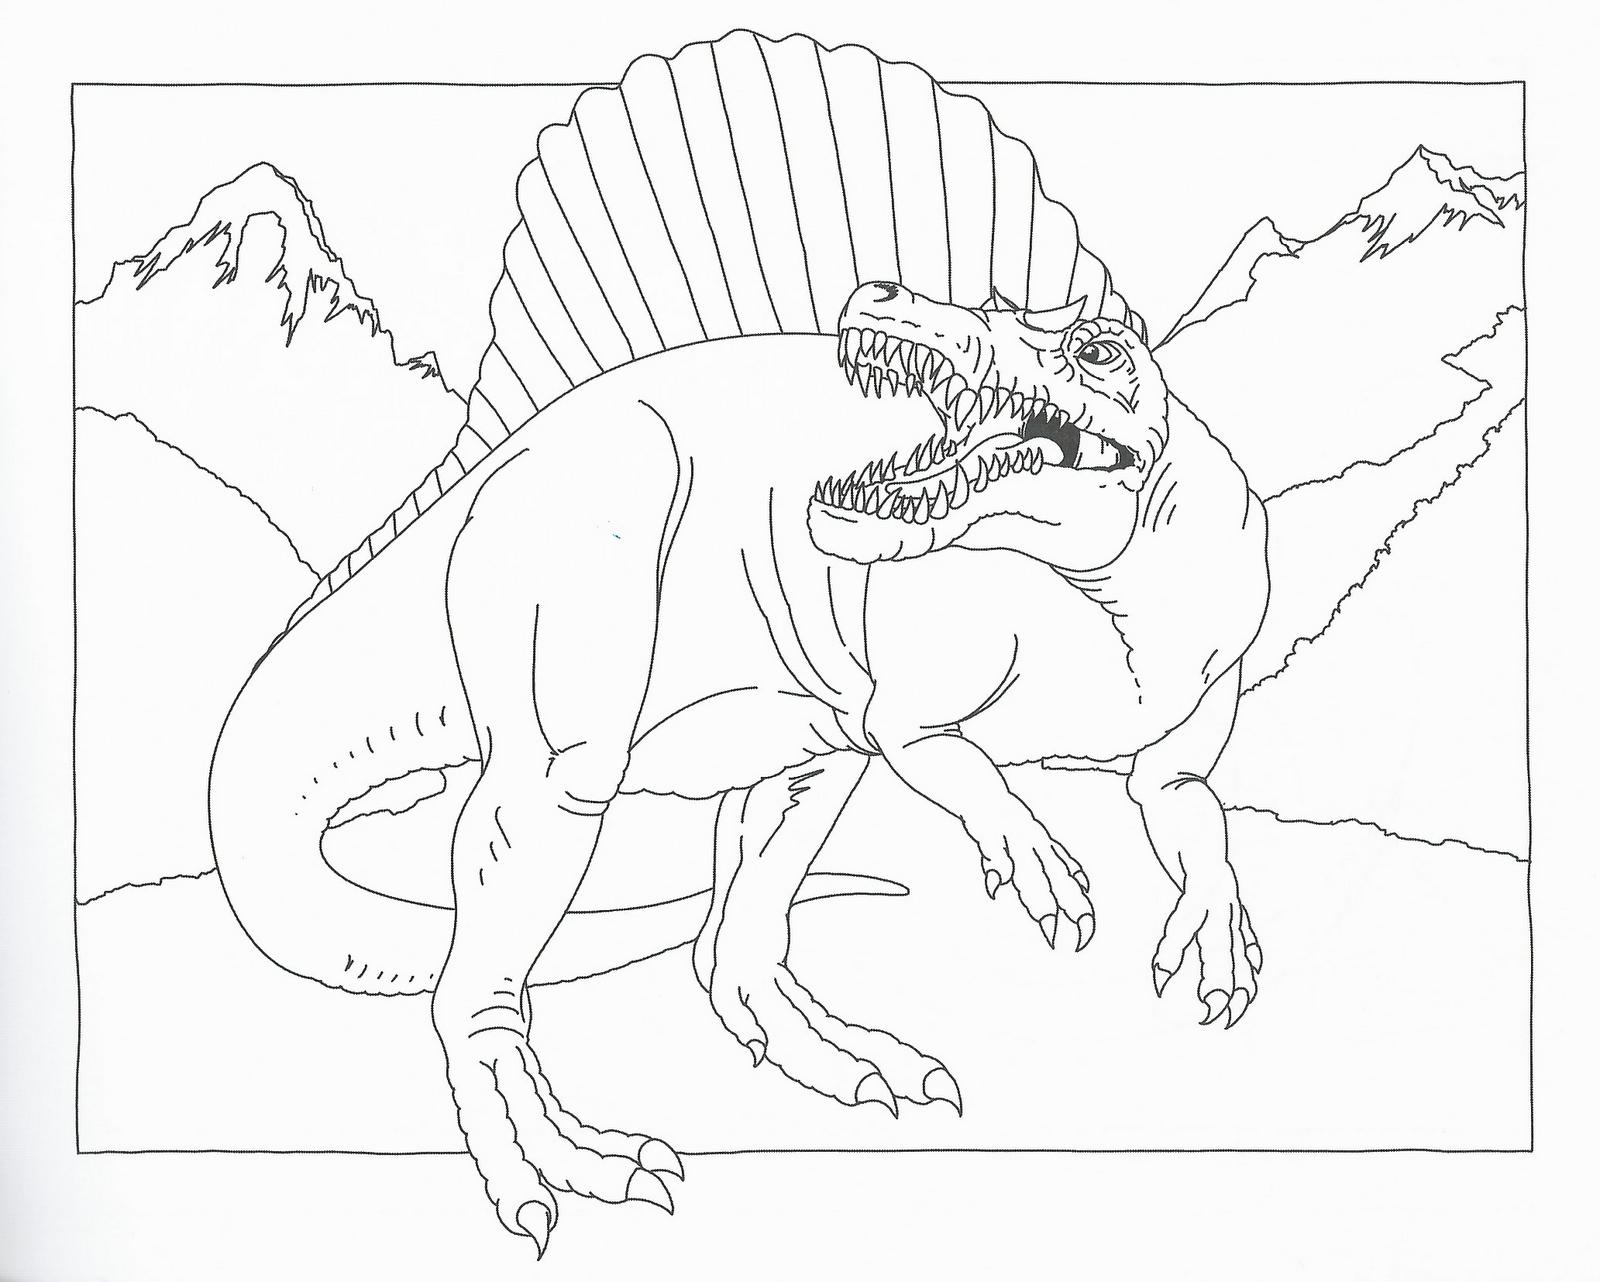 Disegni da colorare disegni da colorare i dinosauri - Immagini dei denti da colorare ...